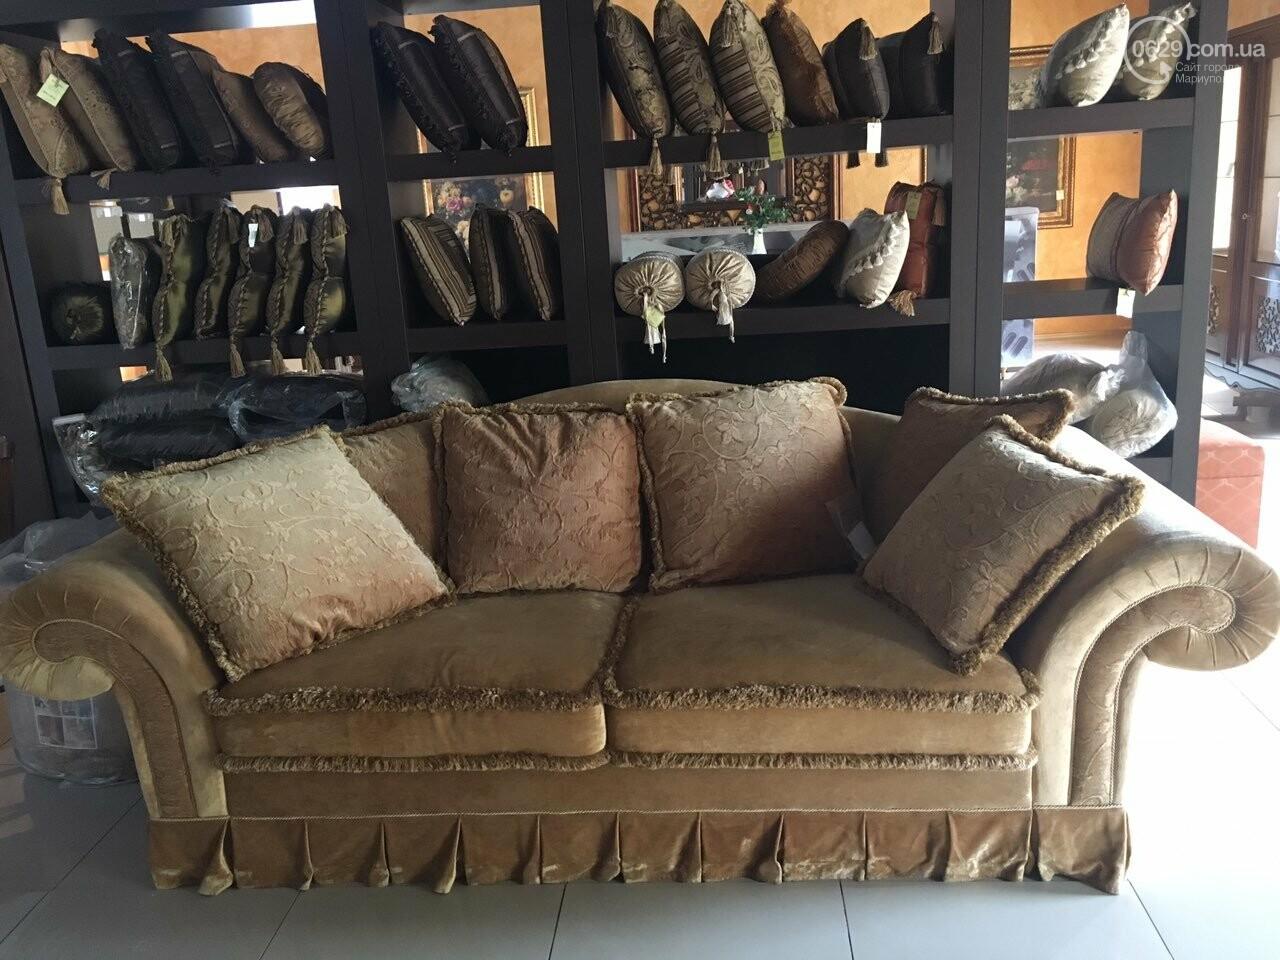 Лето тепло, еще теплее.. «КАМИНЕТТИ» предлагает «ГОРЯЧИЕ СКИДКИ» на камины, печи, итальянские аксессуары, мебель. СОГРЕЕМ!, фото-17